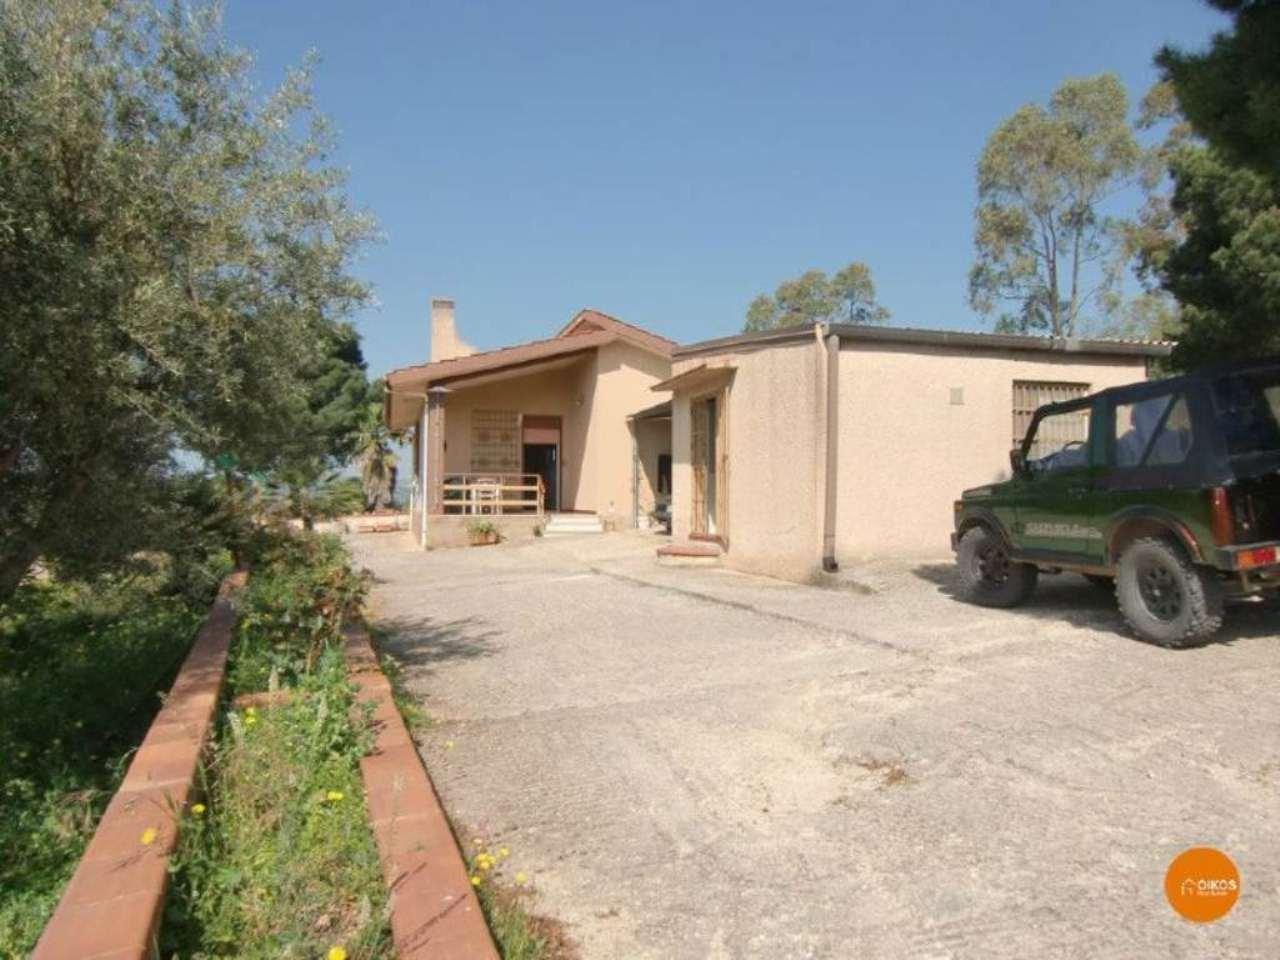 Villa in vendita a Noto, 5 locali, prezzo € 200.000 | CambioCasa.it